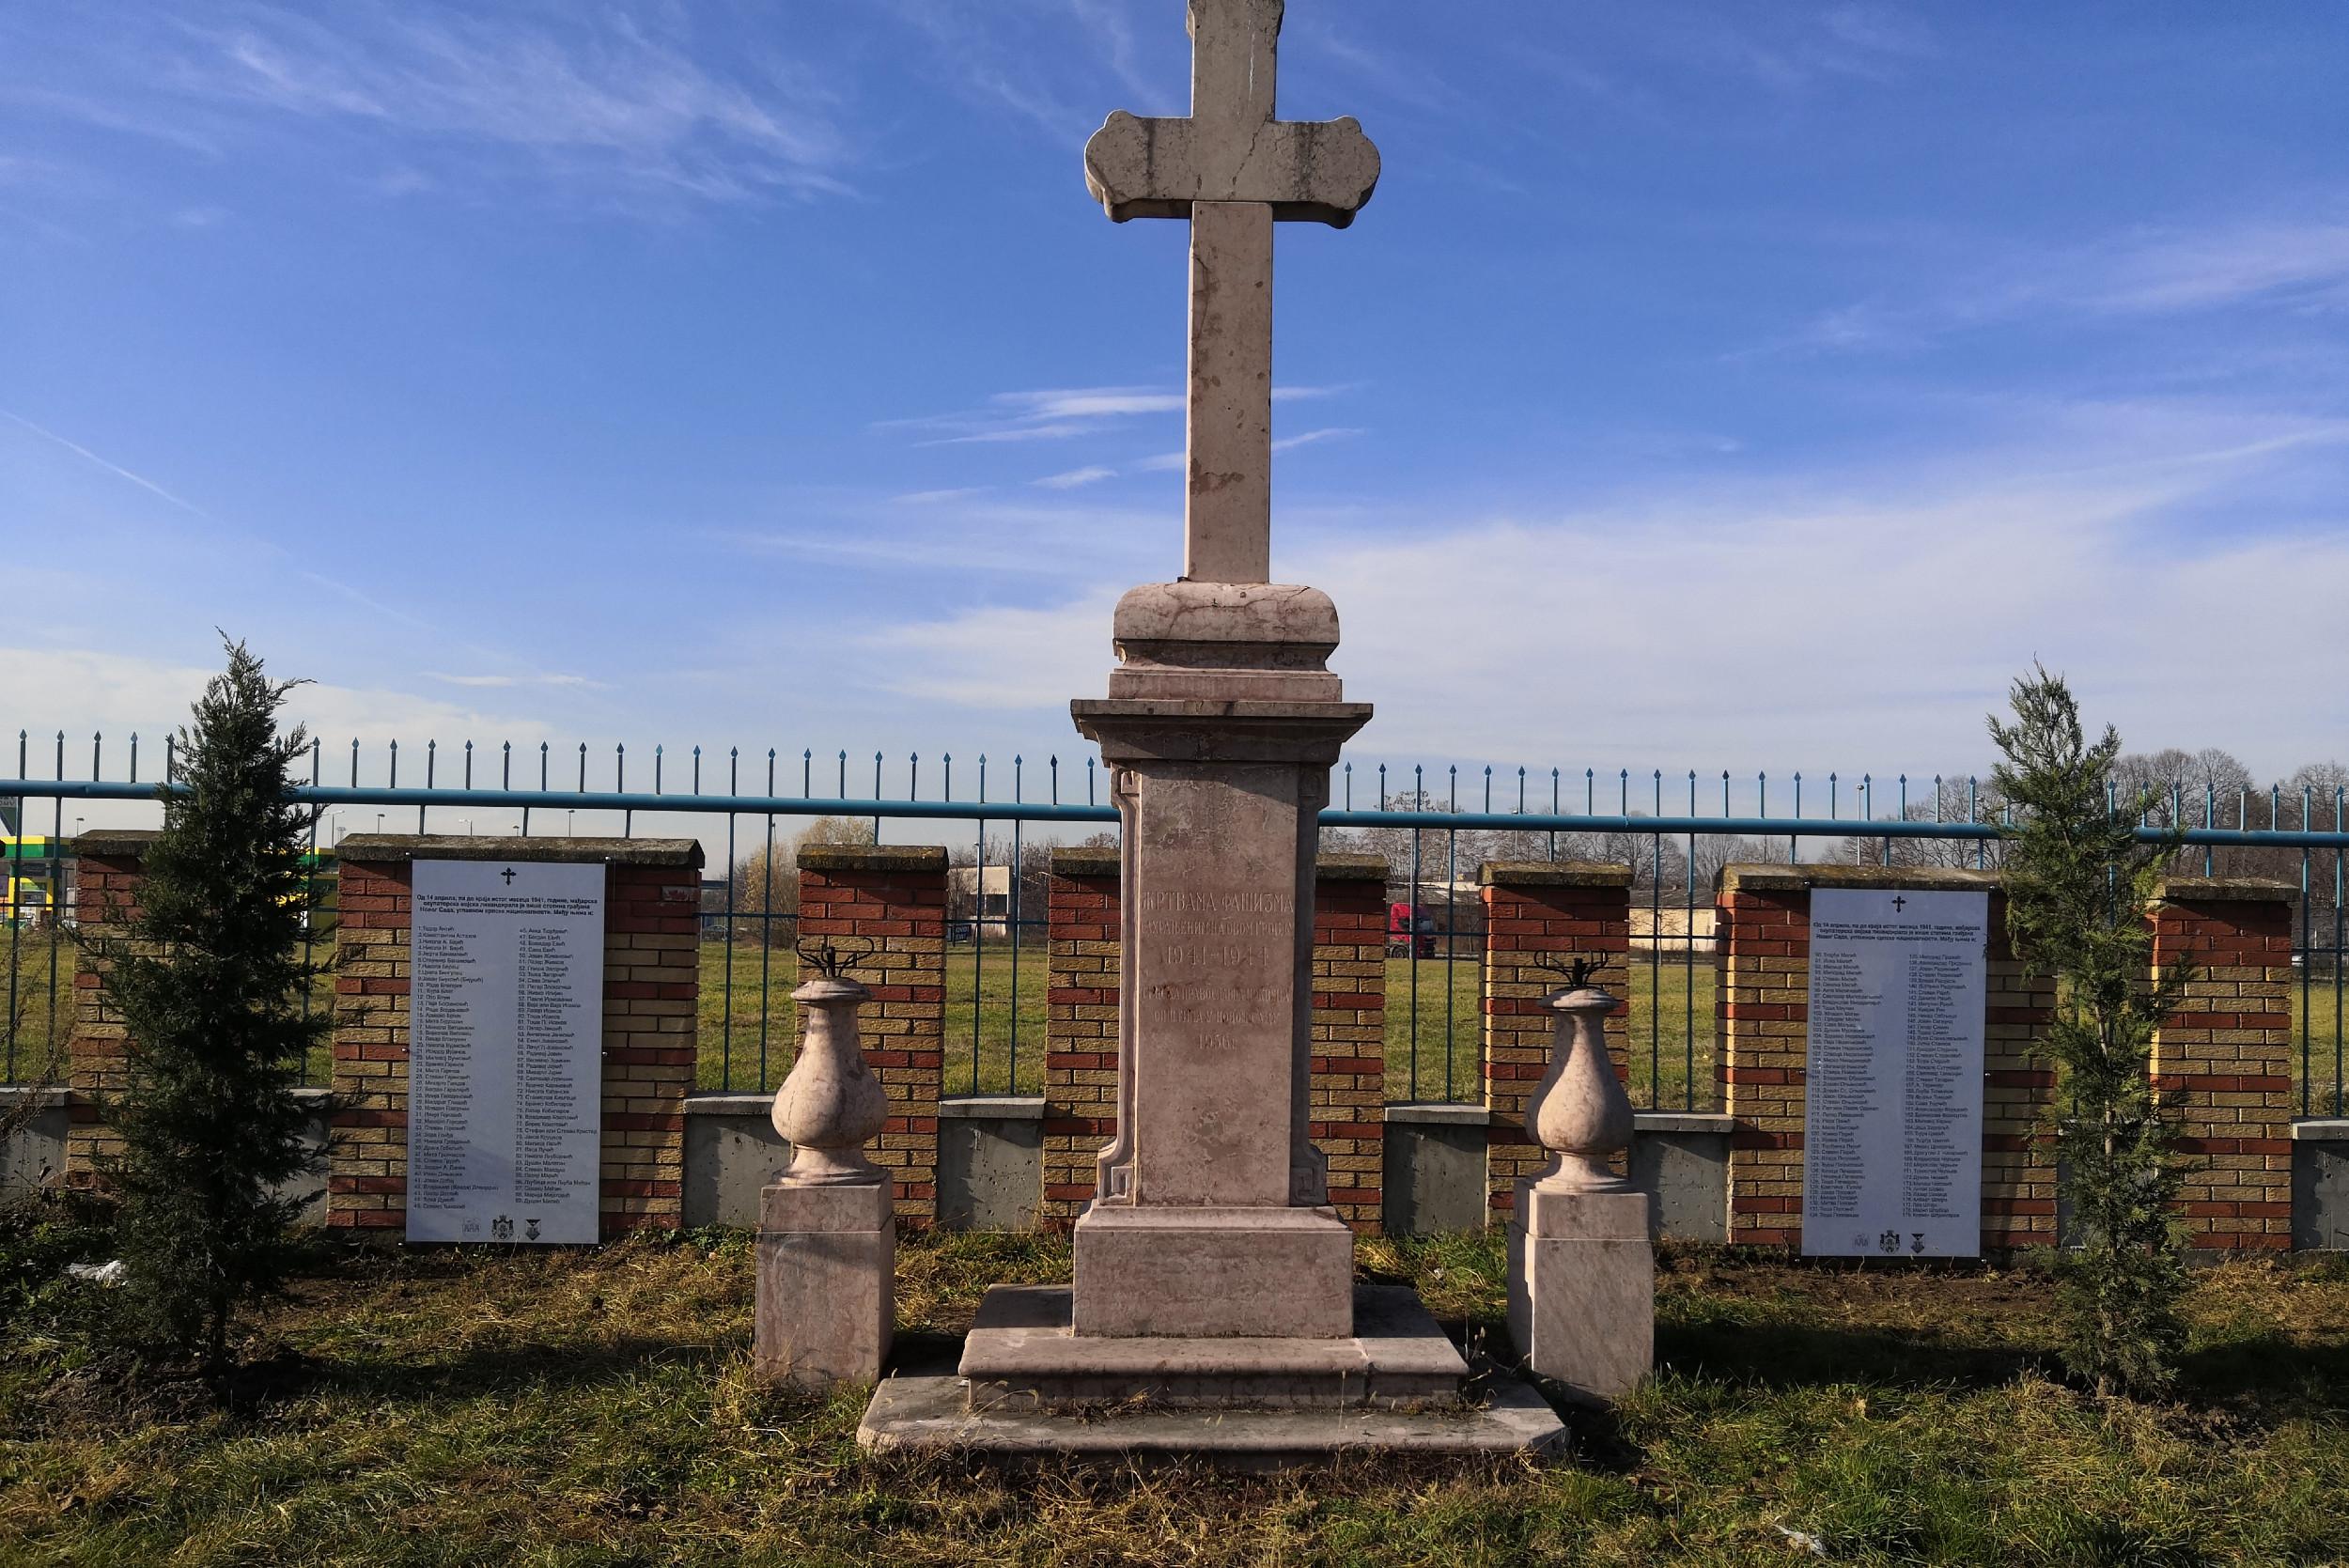 Спомен-обележје са именима стрељаних априла 1941. године у Новом Саду, Алмашко гробље (Фото: Ђорђе Србуловић/Нови Стандард)